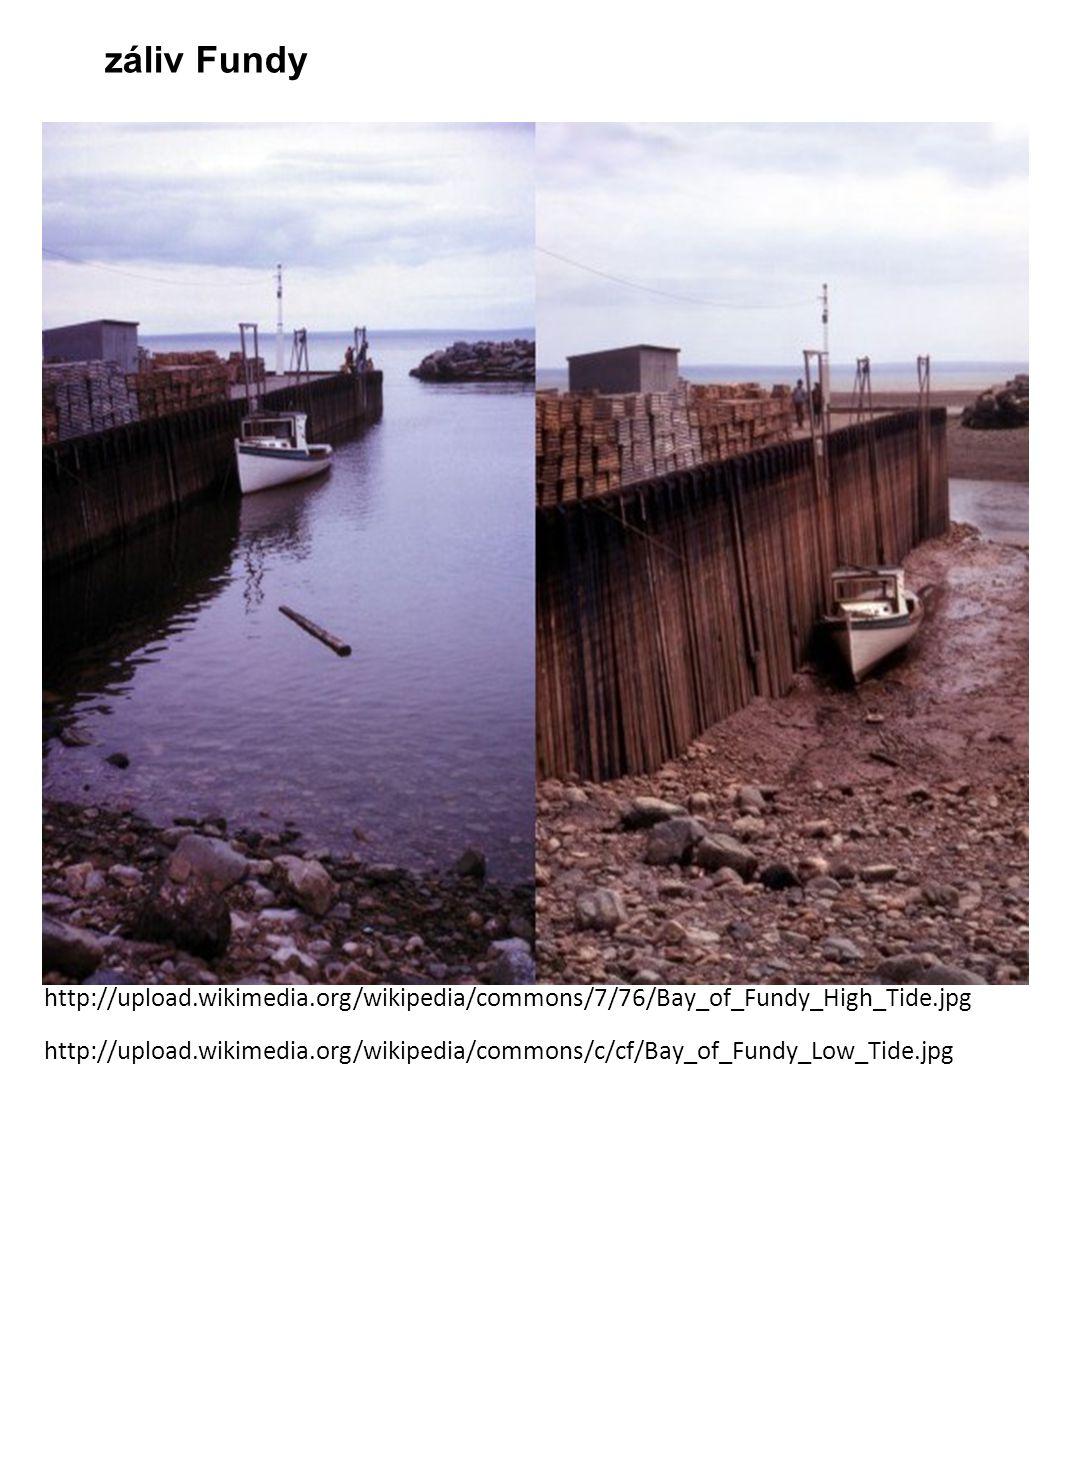 záliv Fundy http://upload.wikimedia.org/wikipedia/commons/7/76/Bay_of_Fundy_High_Tide.jpg.